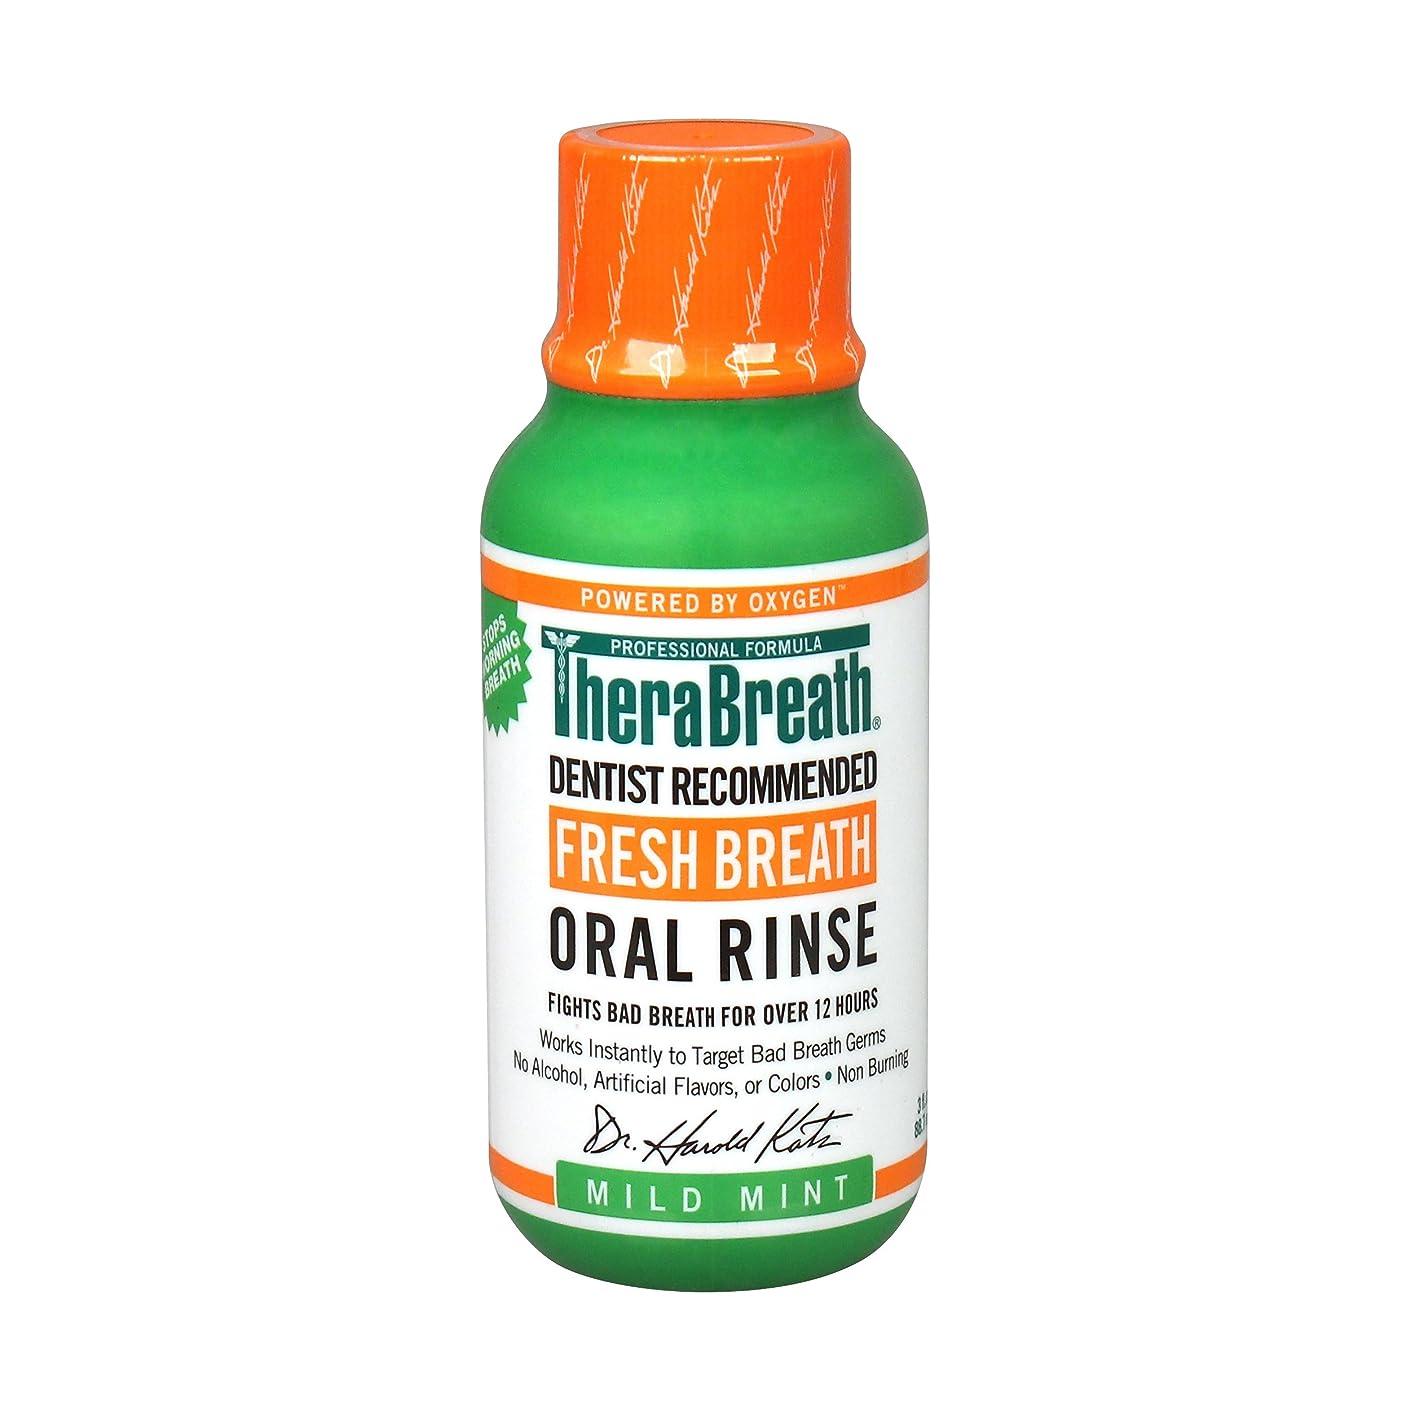 未使用霧豆TheraBreath, Fresh Breath Oral Rinse, Mild Mint Flavor, フレッシュブレスウォッシュリンス、マイルドミント ミニボトル 3 fl oz (88.7 ml)